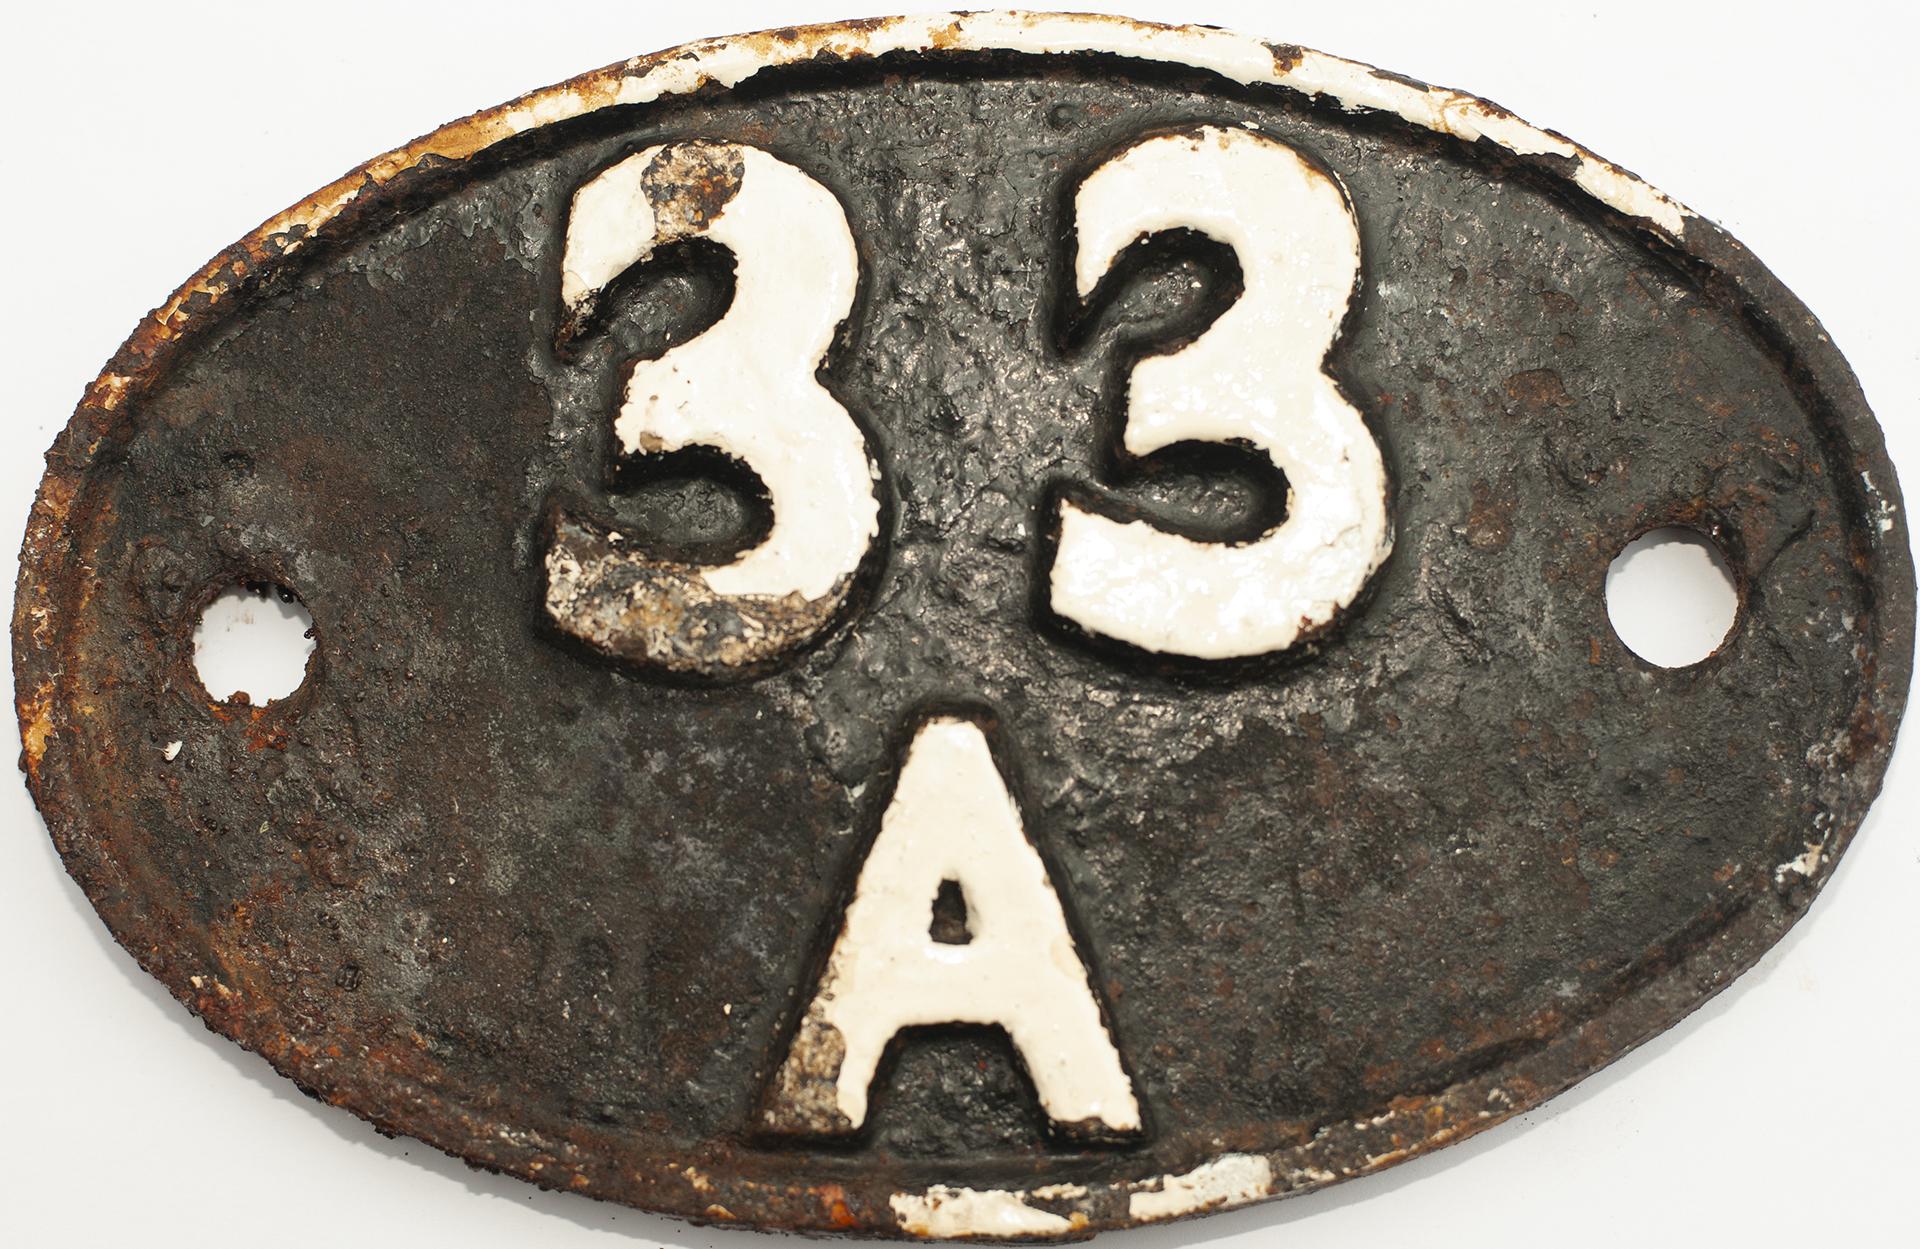 Shedplate 33a Plaistow 1950-1959 With A Sub Shed